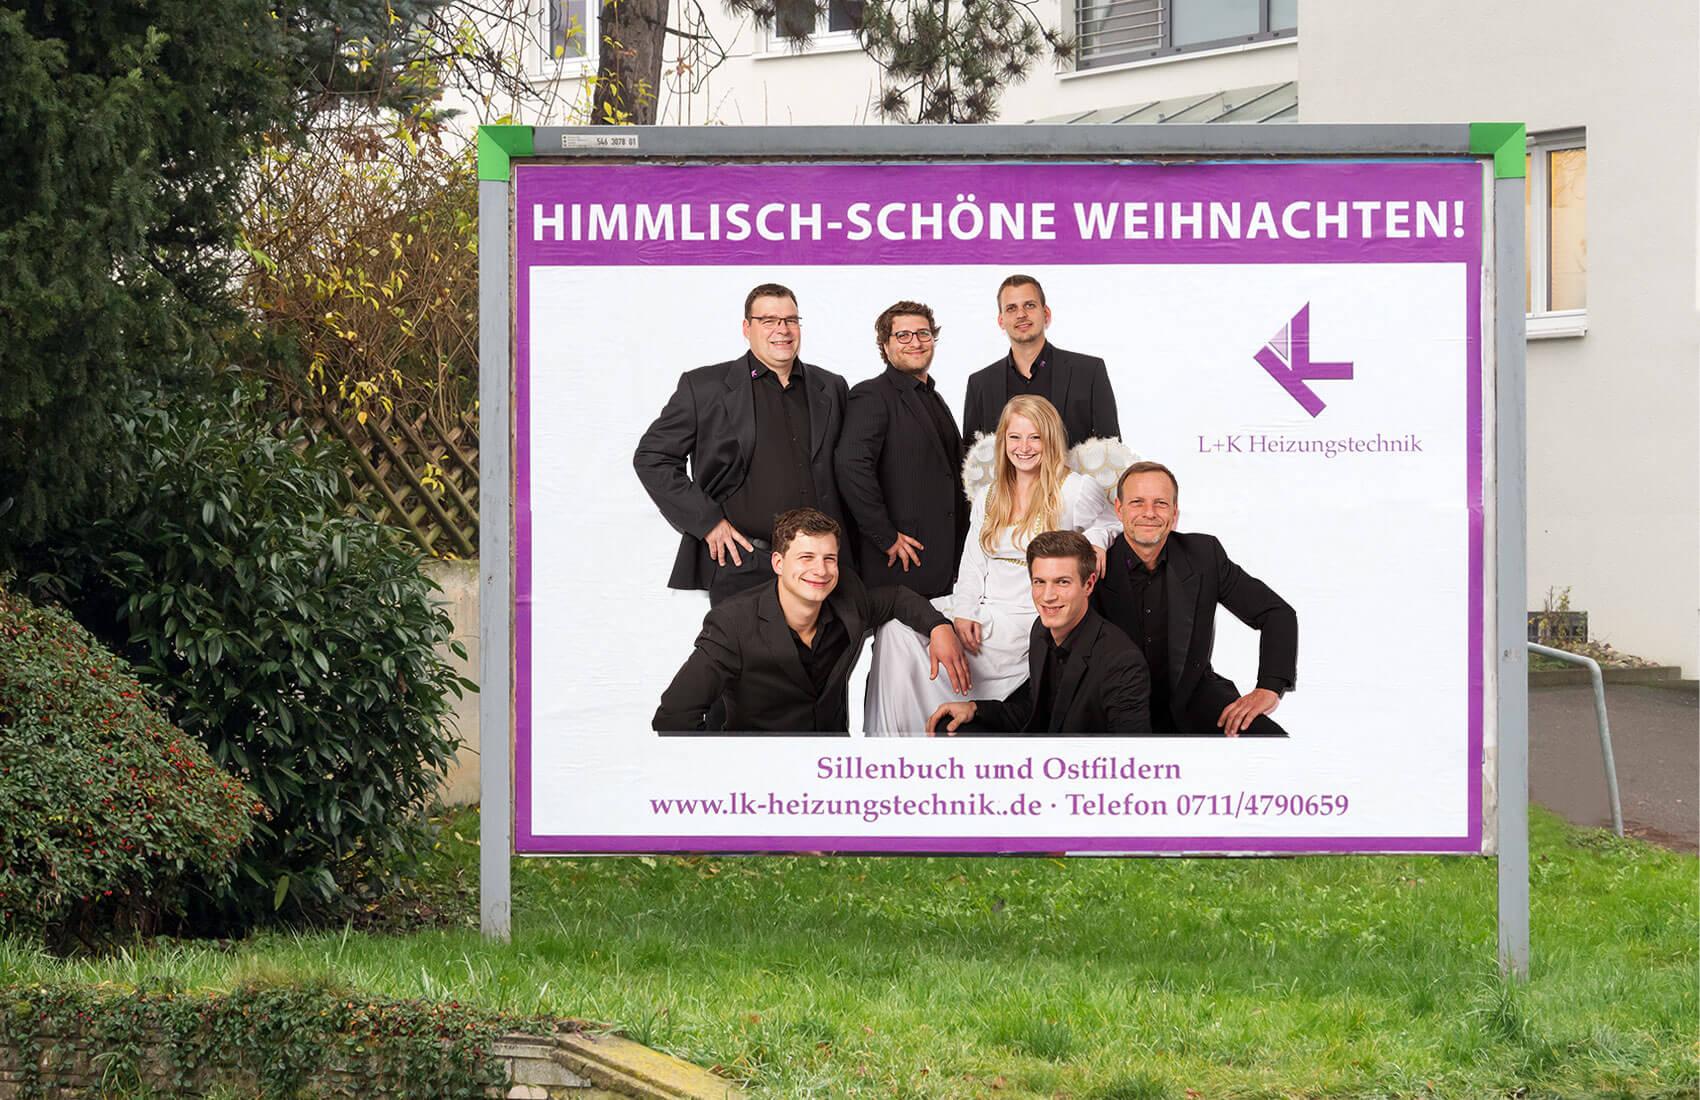 Teamfoto auf Großflächenplakat mit Weihnachtsgrüßen